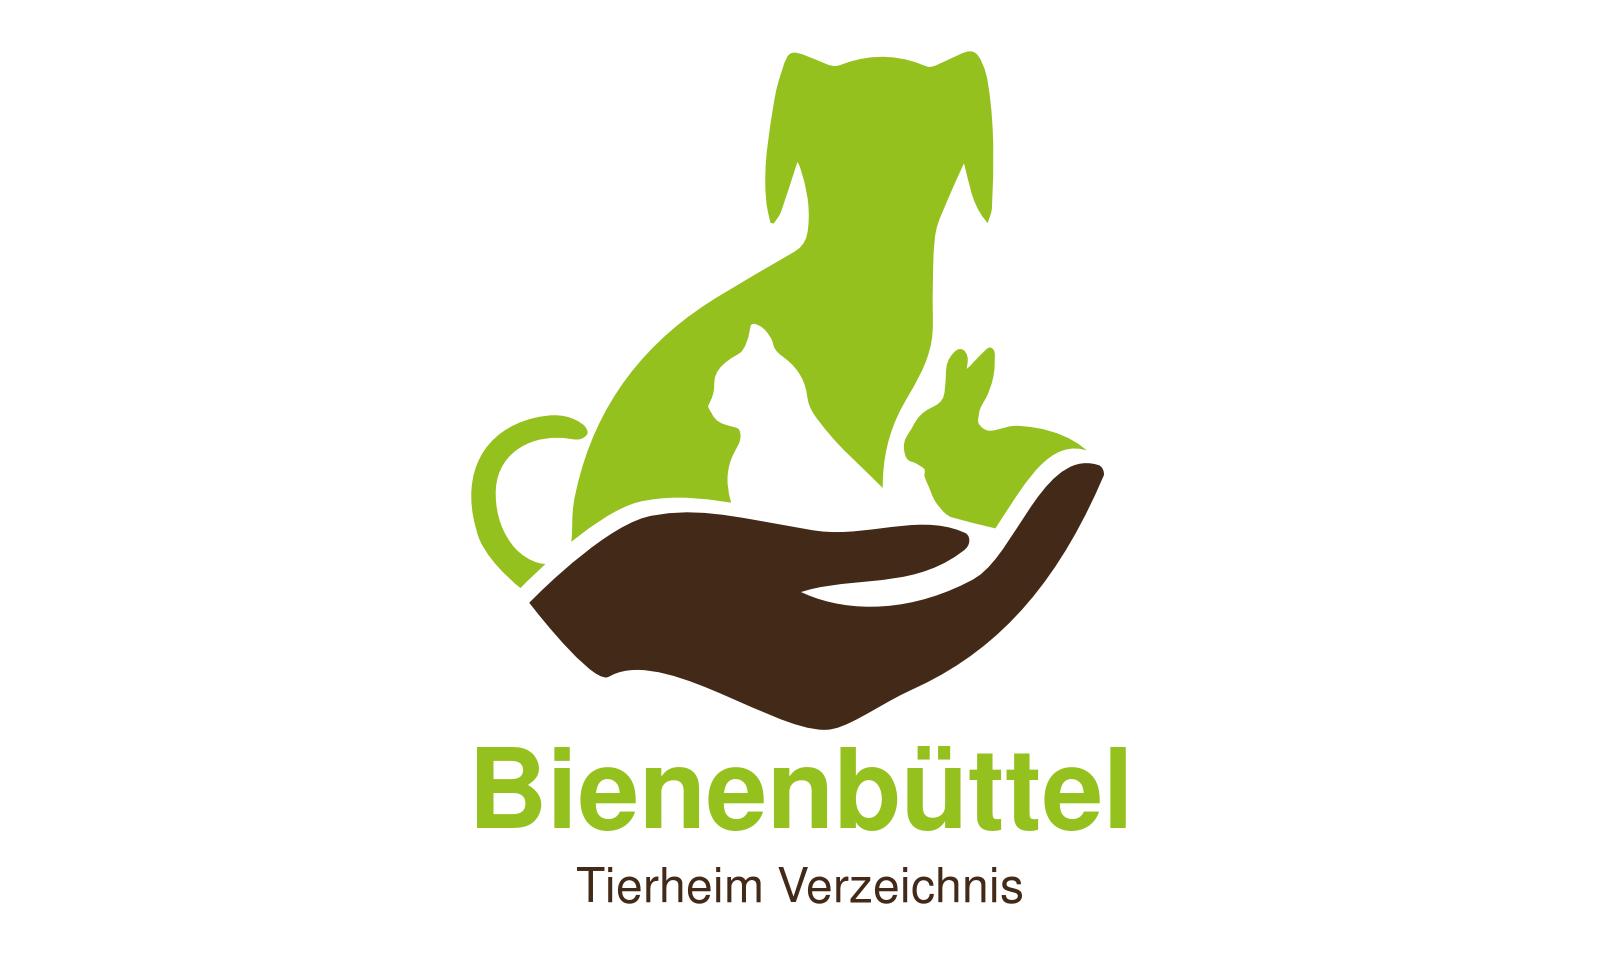 Tierheim Bienenbüttel